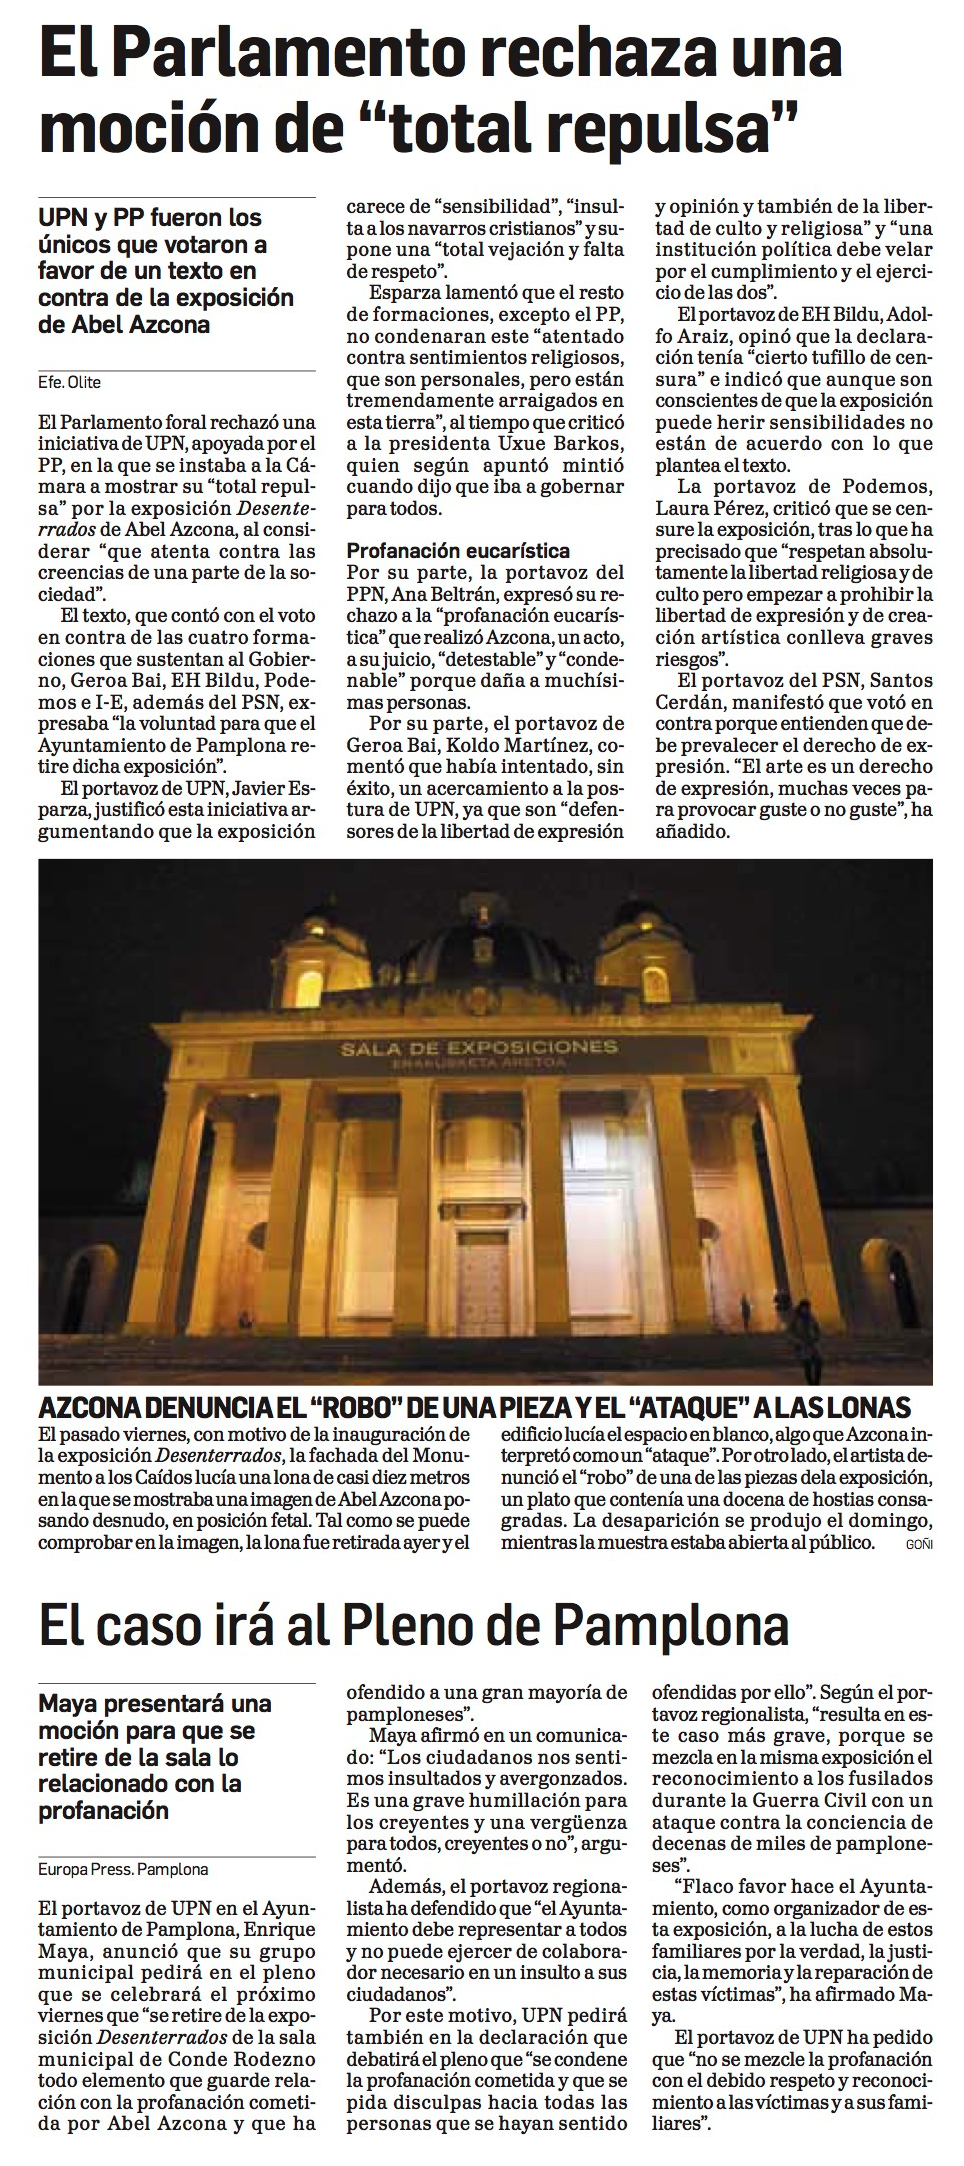 Martes, 24 de Noviembre de 2017. Diario de Navarra.